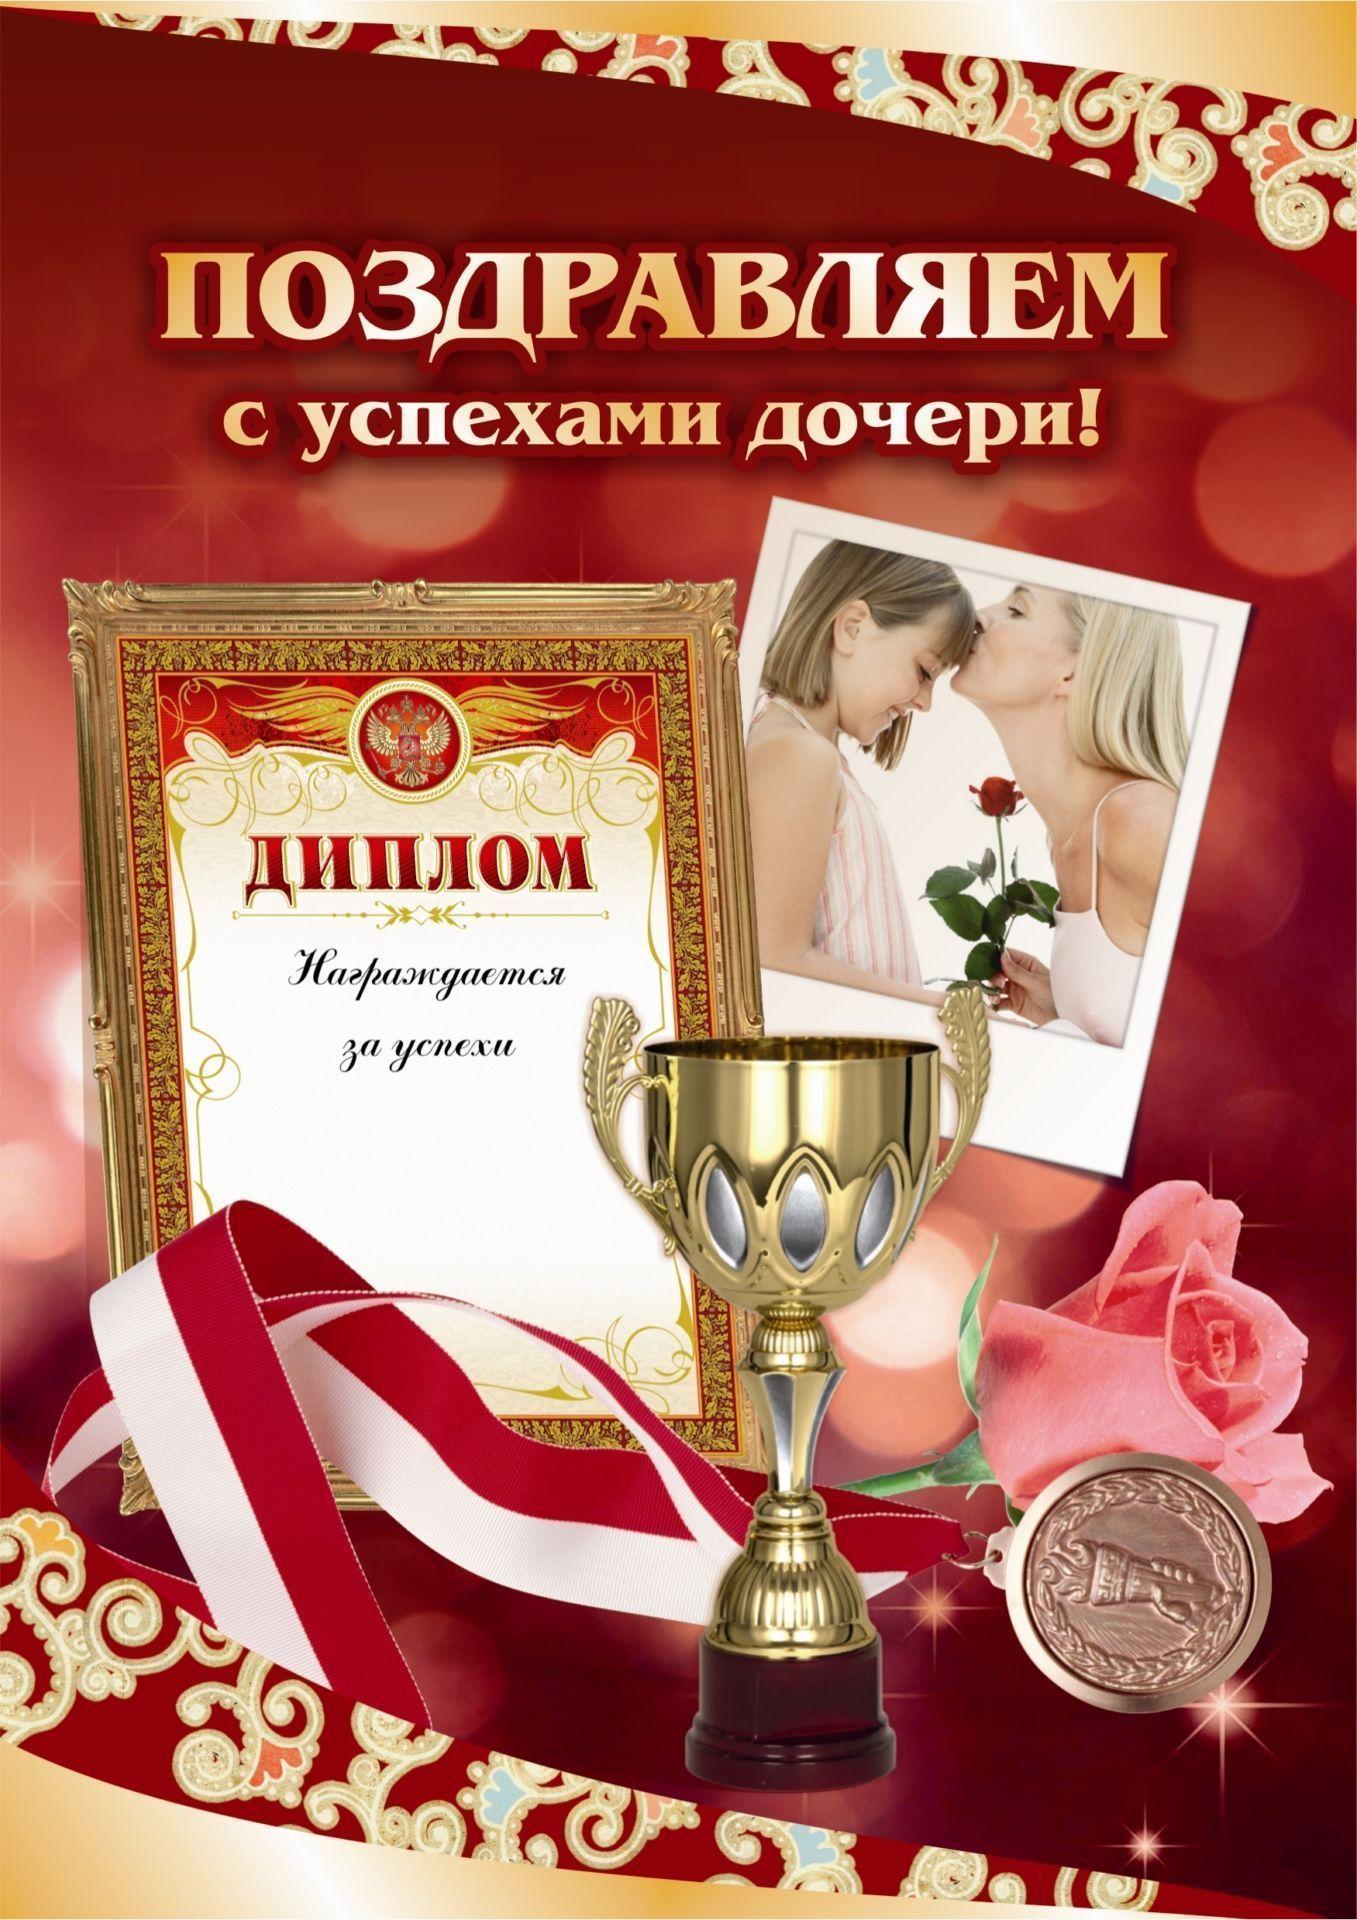 Поздравляем с успехами дочери! (открытка)